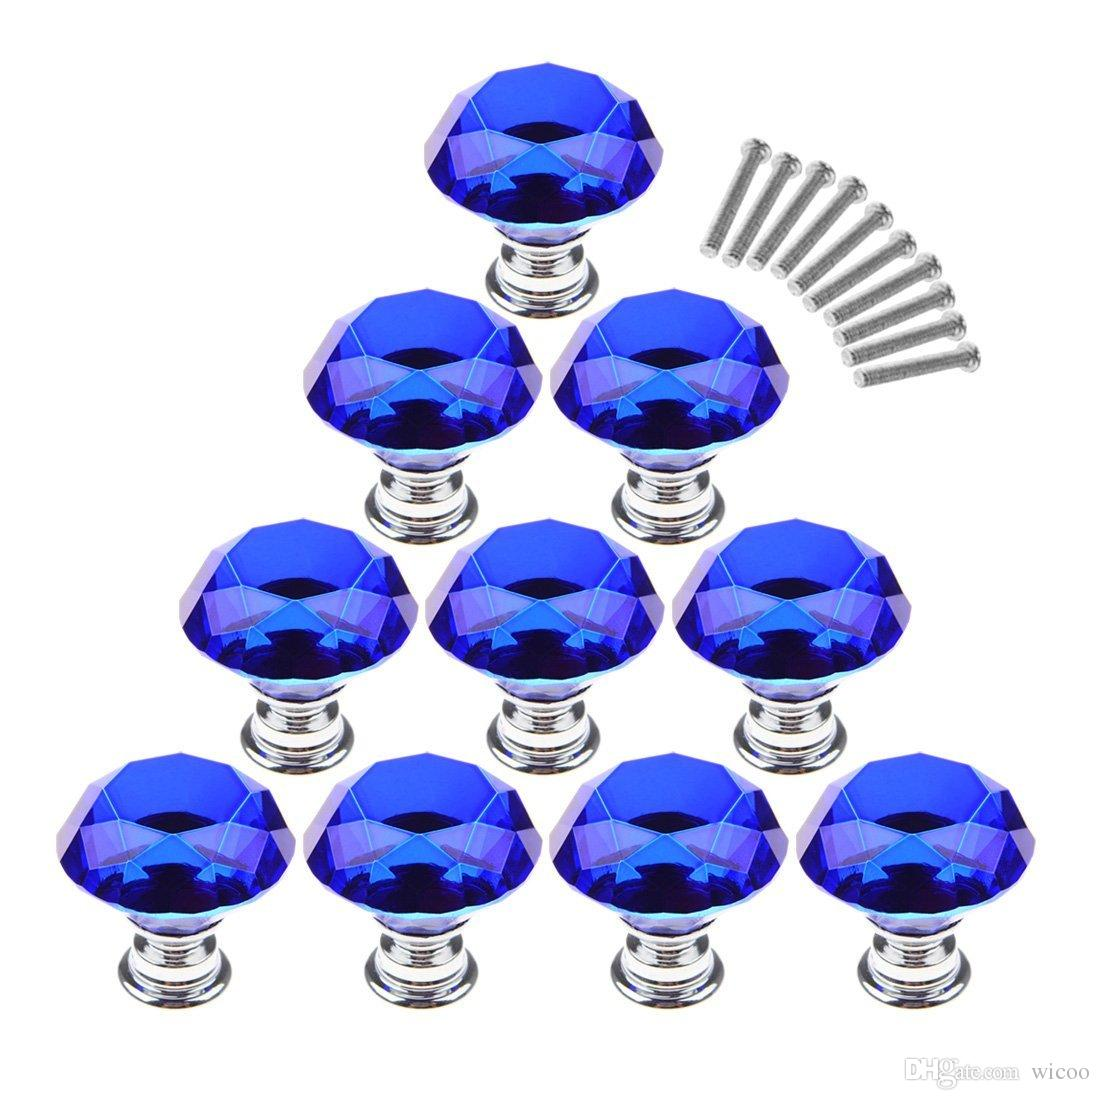 10 Pçs / set 30mm de Cristal De Diamante Forma de Vidro Do Armário Maçanetas Gaveta Do Armário Puxadores - Azul Escuro